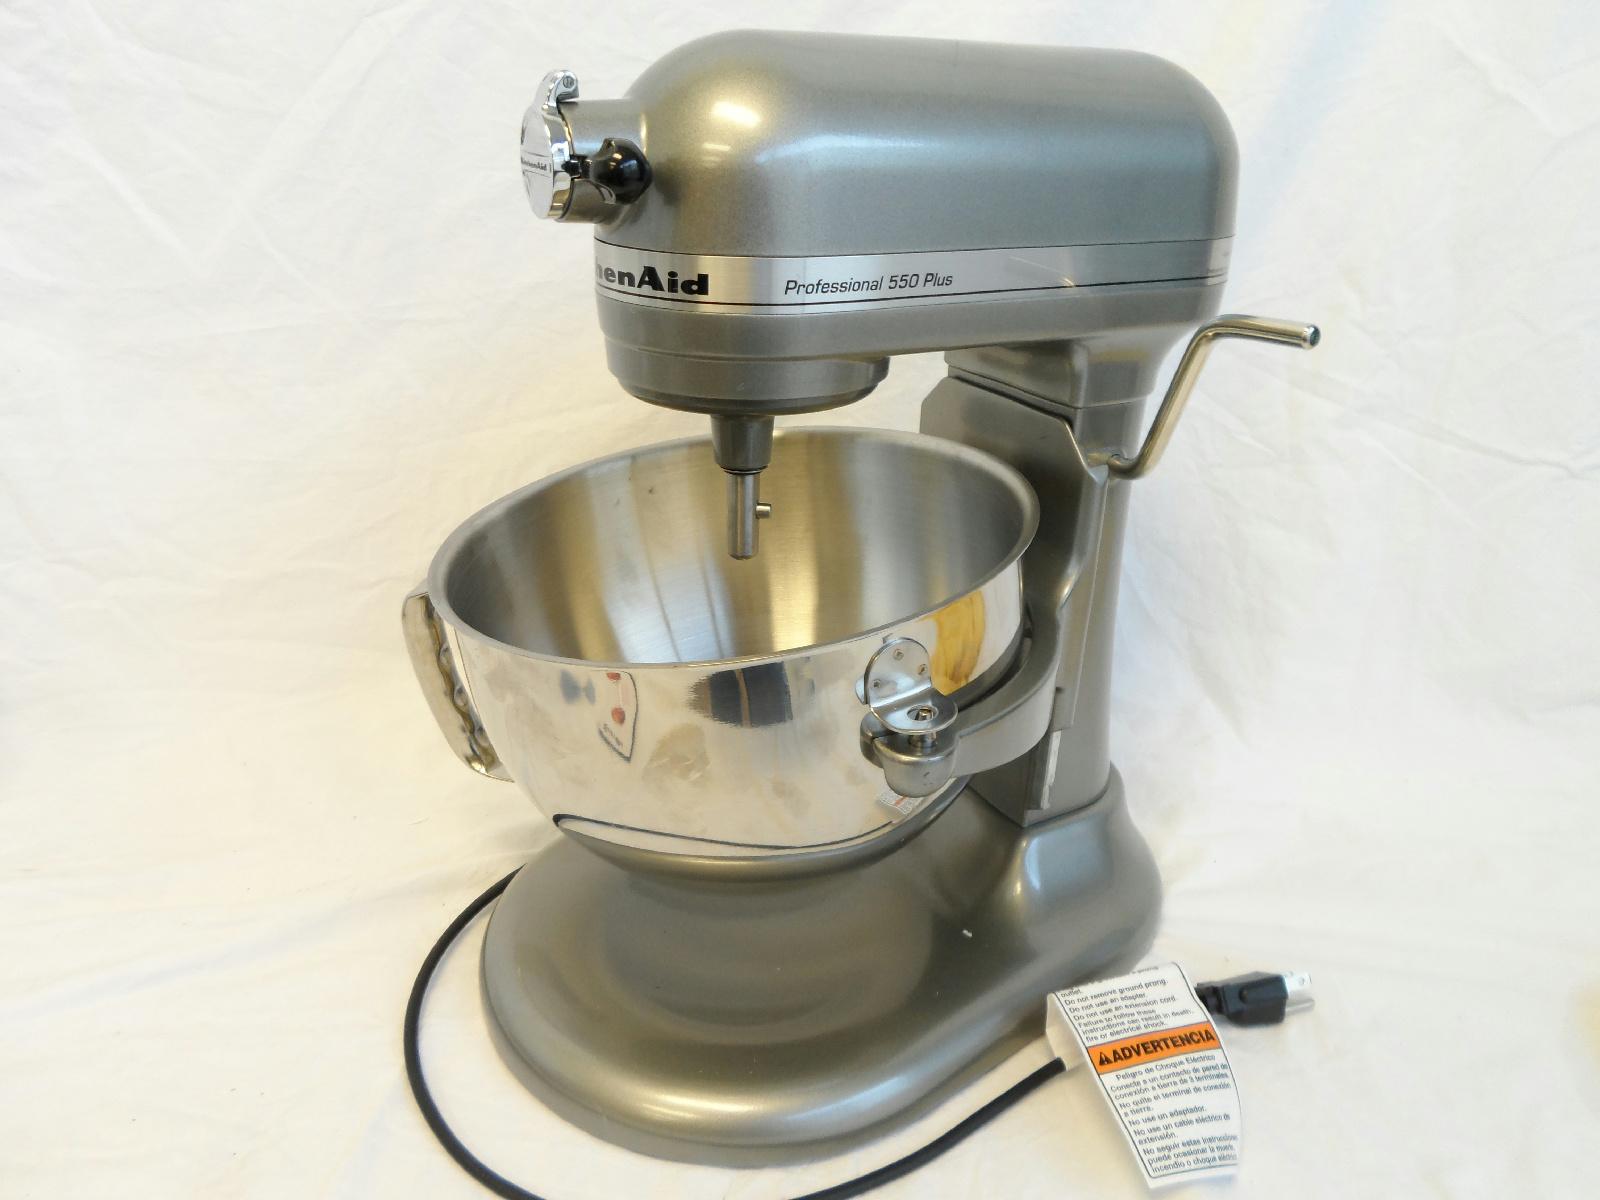 Kitchenaid Professional 550 Plus Stand Mixer Metallic